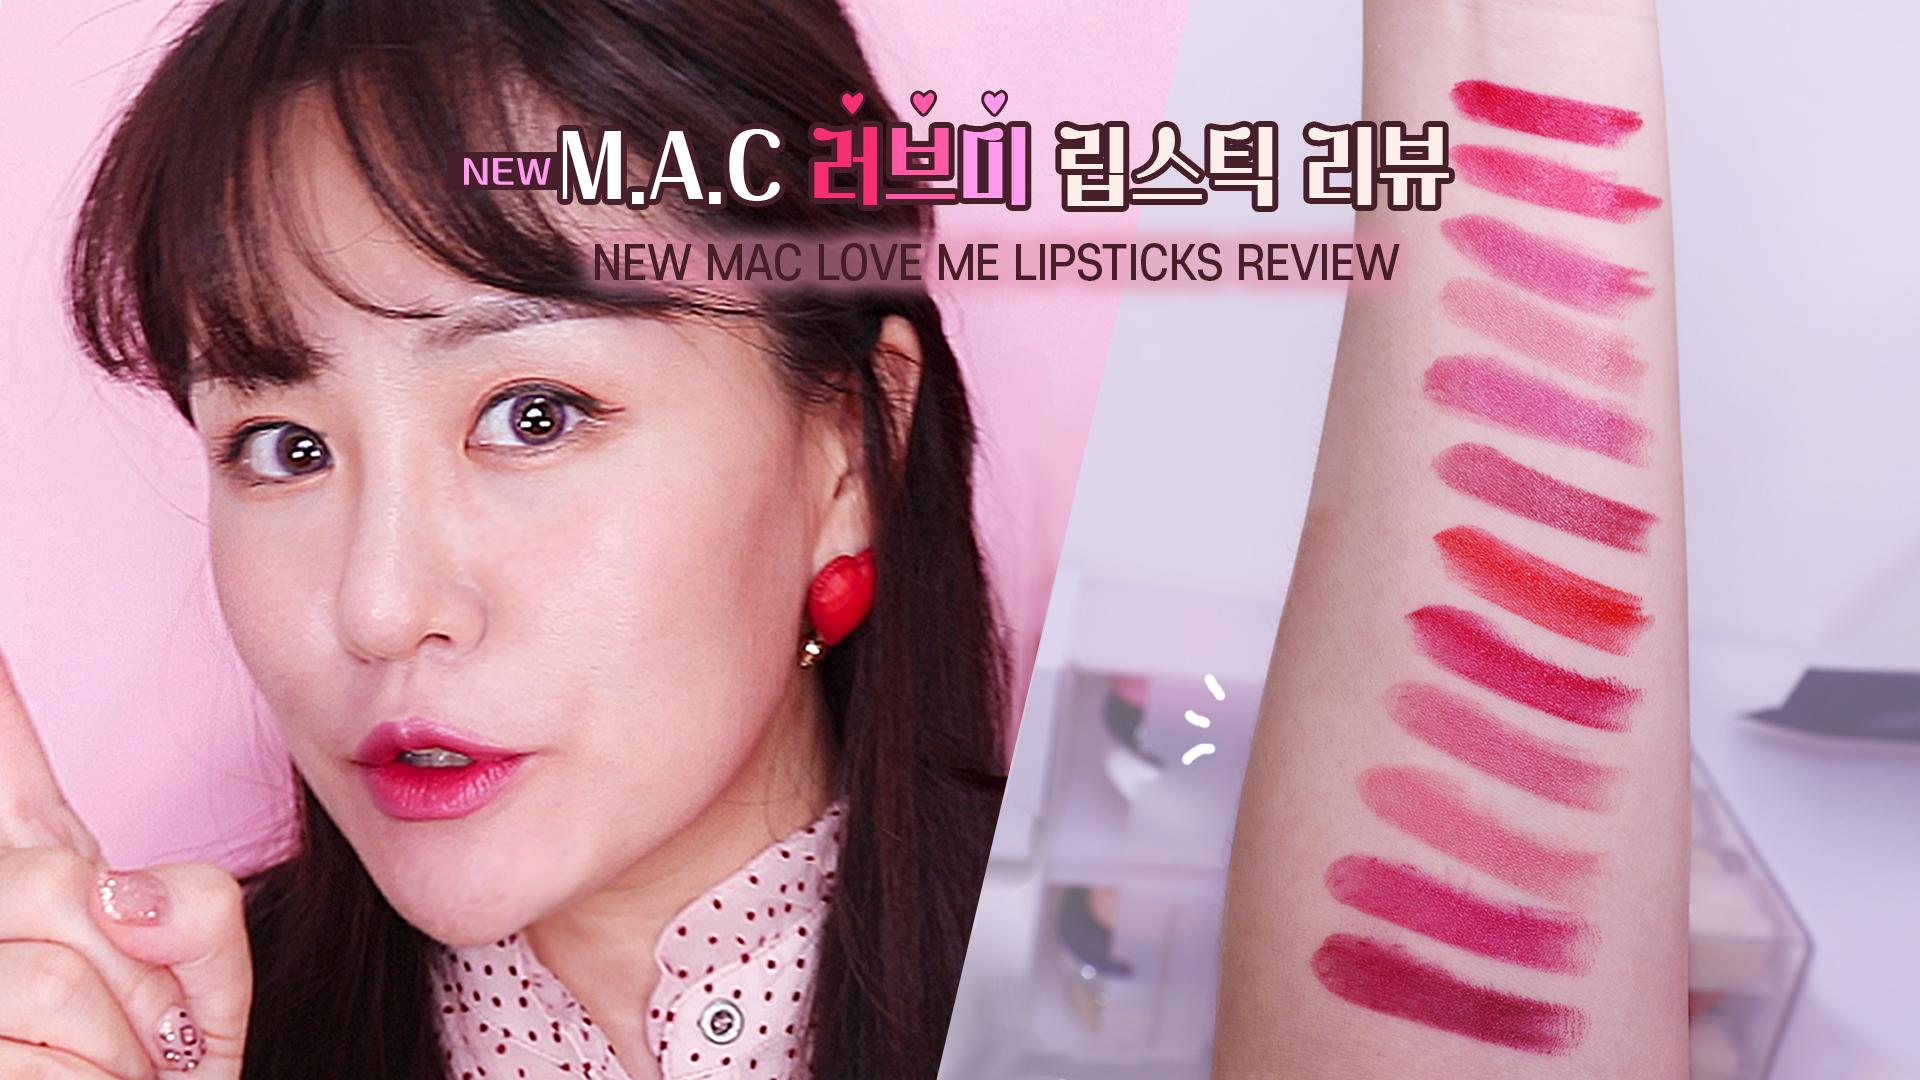 광고 아님! NEW 맥 러브미 립스틱 리뷰 NEW MAC Loveme Lipstick Review